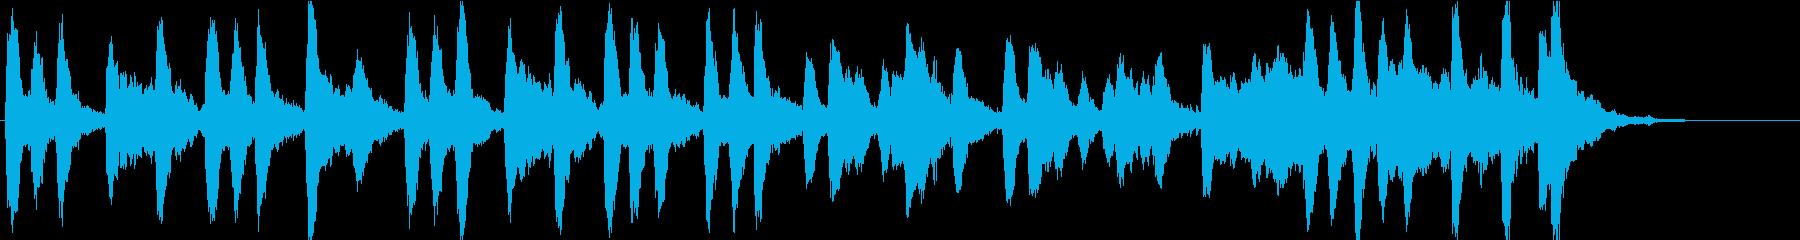 弦とベルのシンプルなBGM。企業VP等にの再生済みの波形